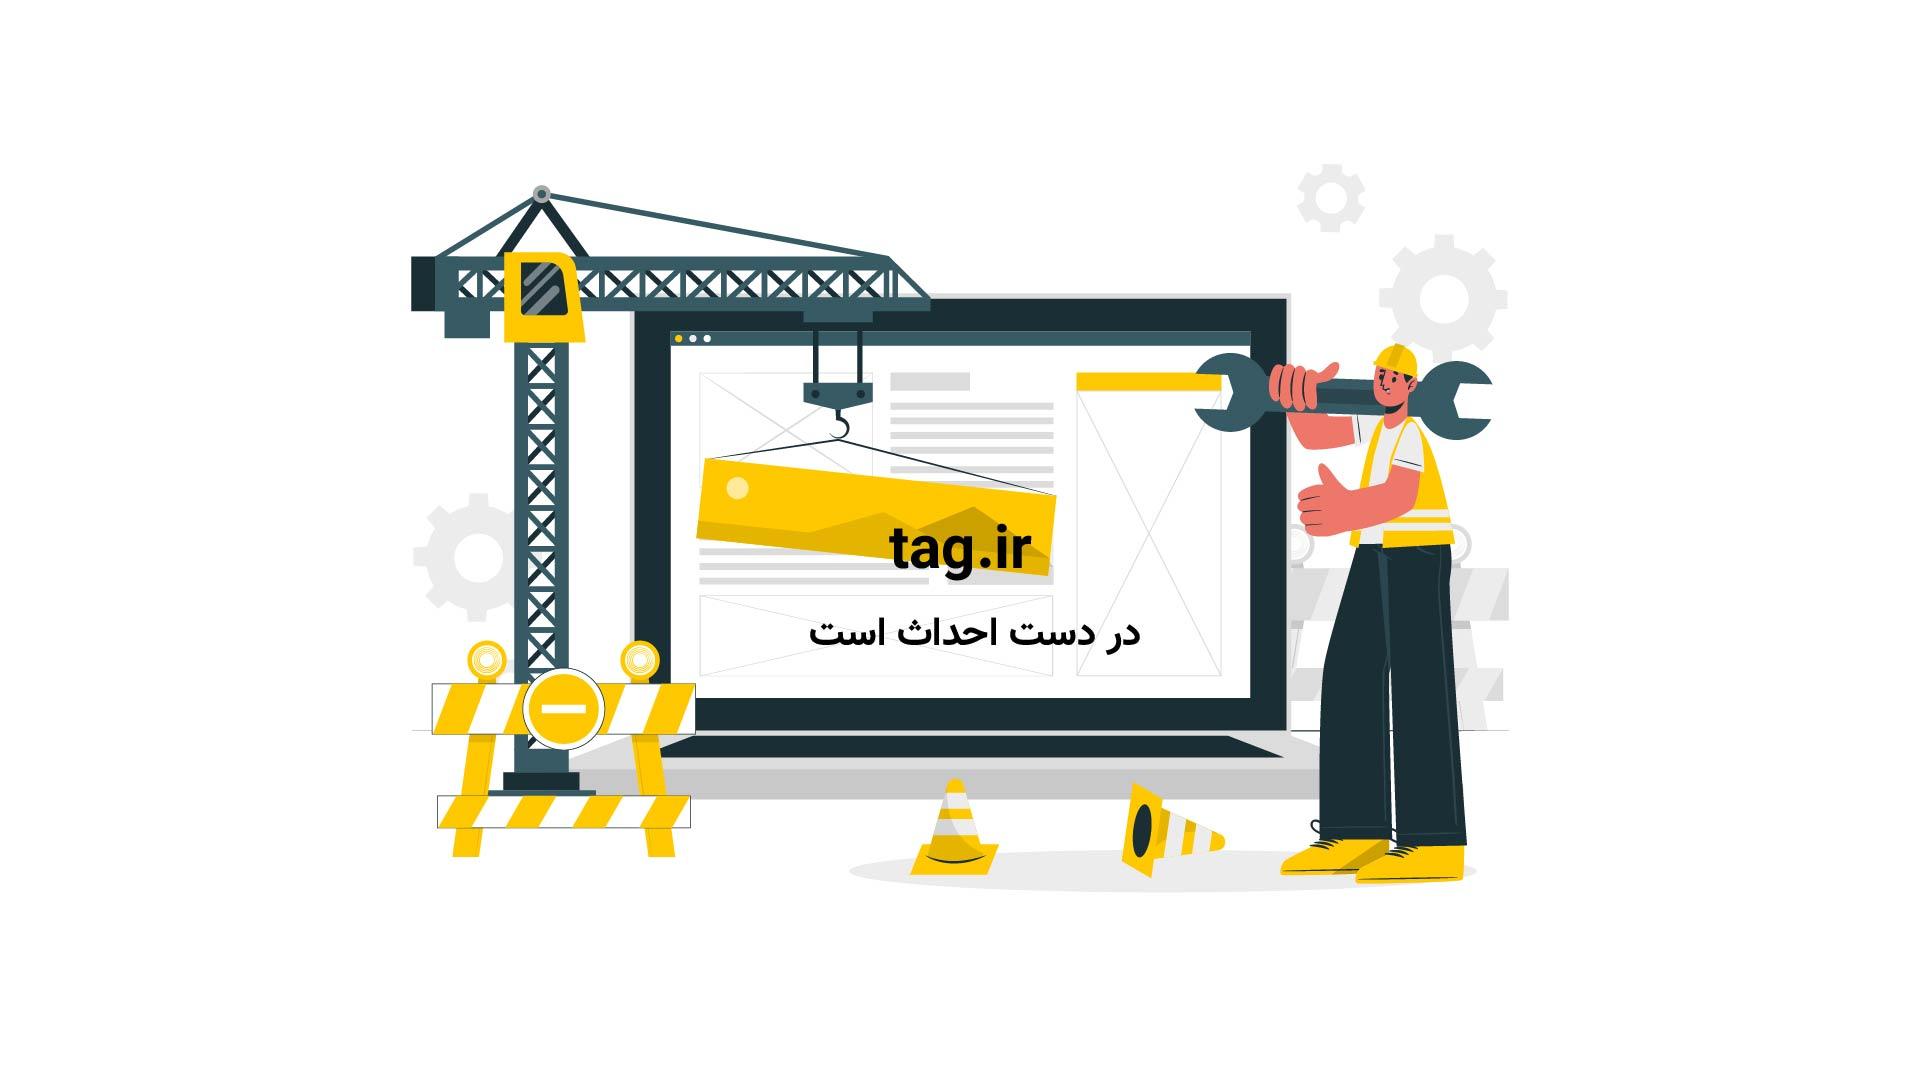 برانکو: پیروزی مهم است، نه نتایج حریفان/ سختترین بازی ما در پیش است